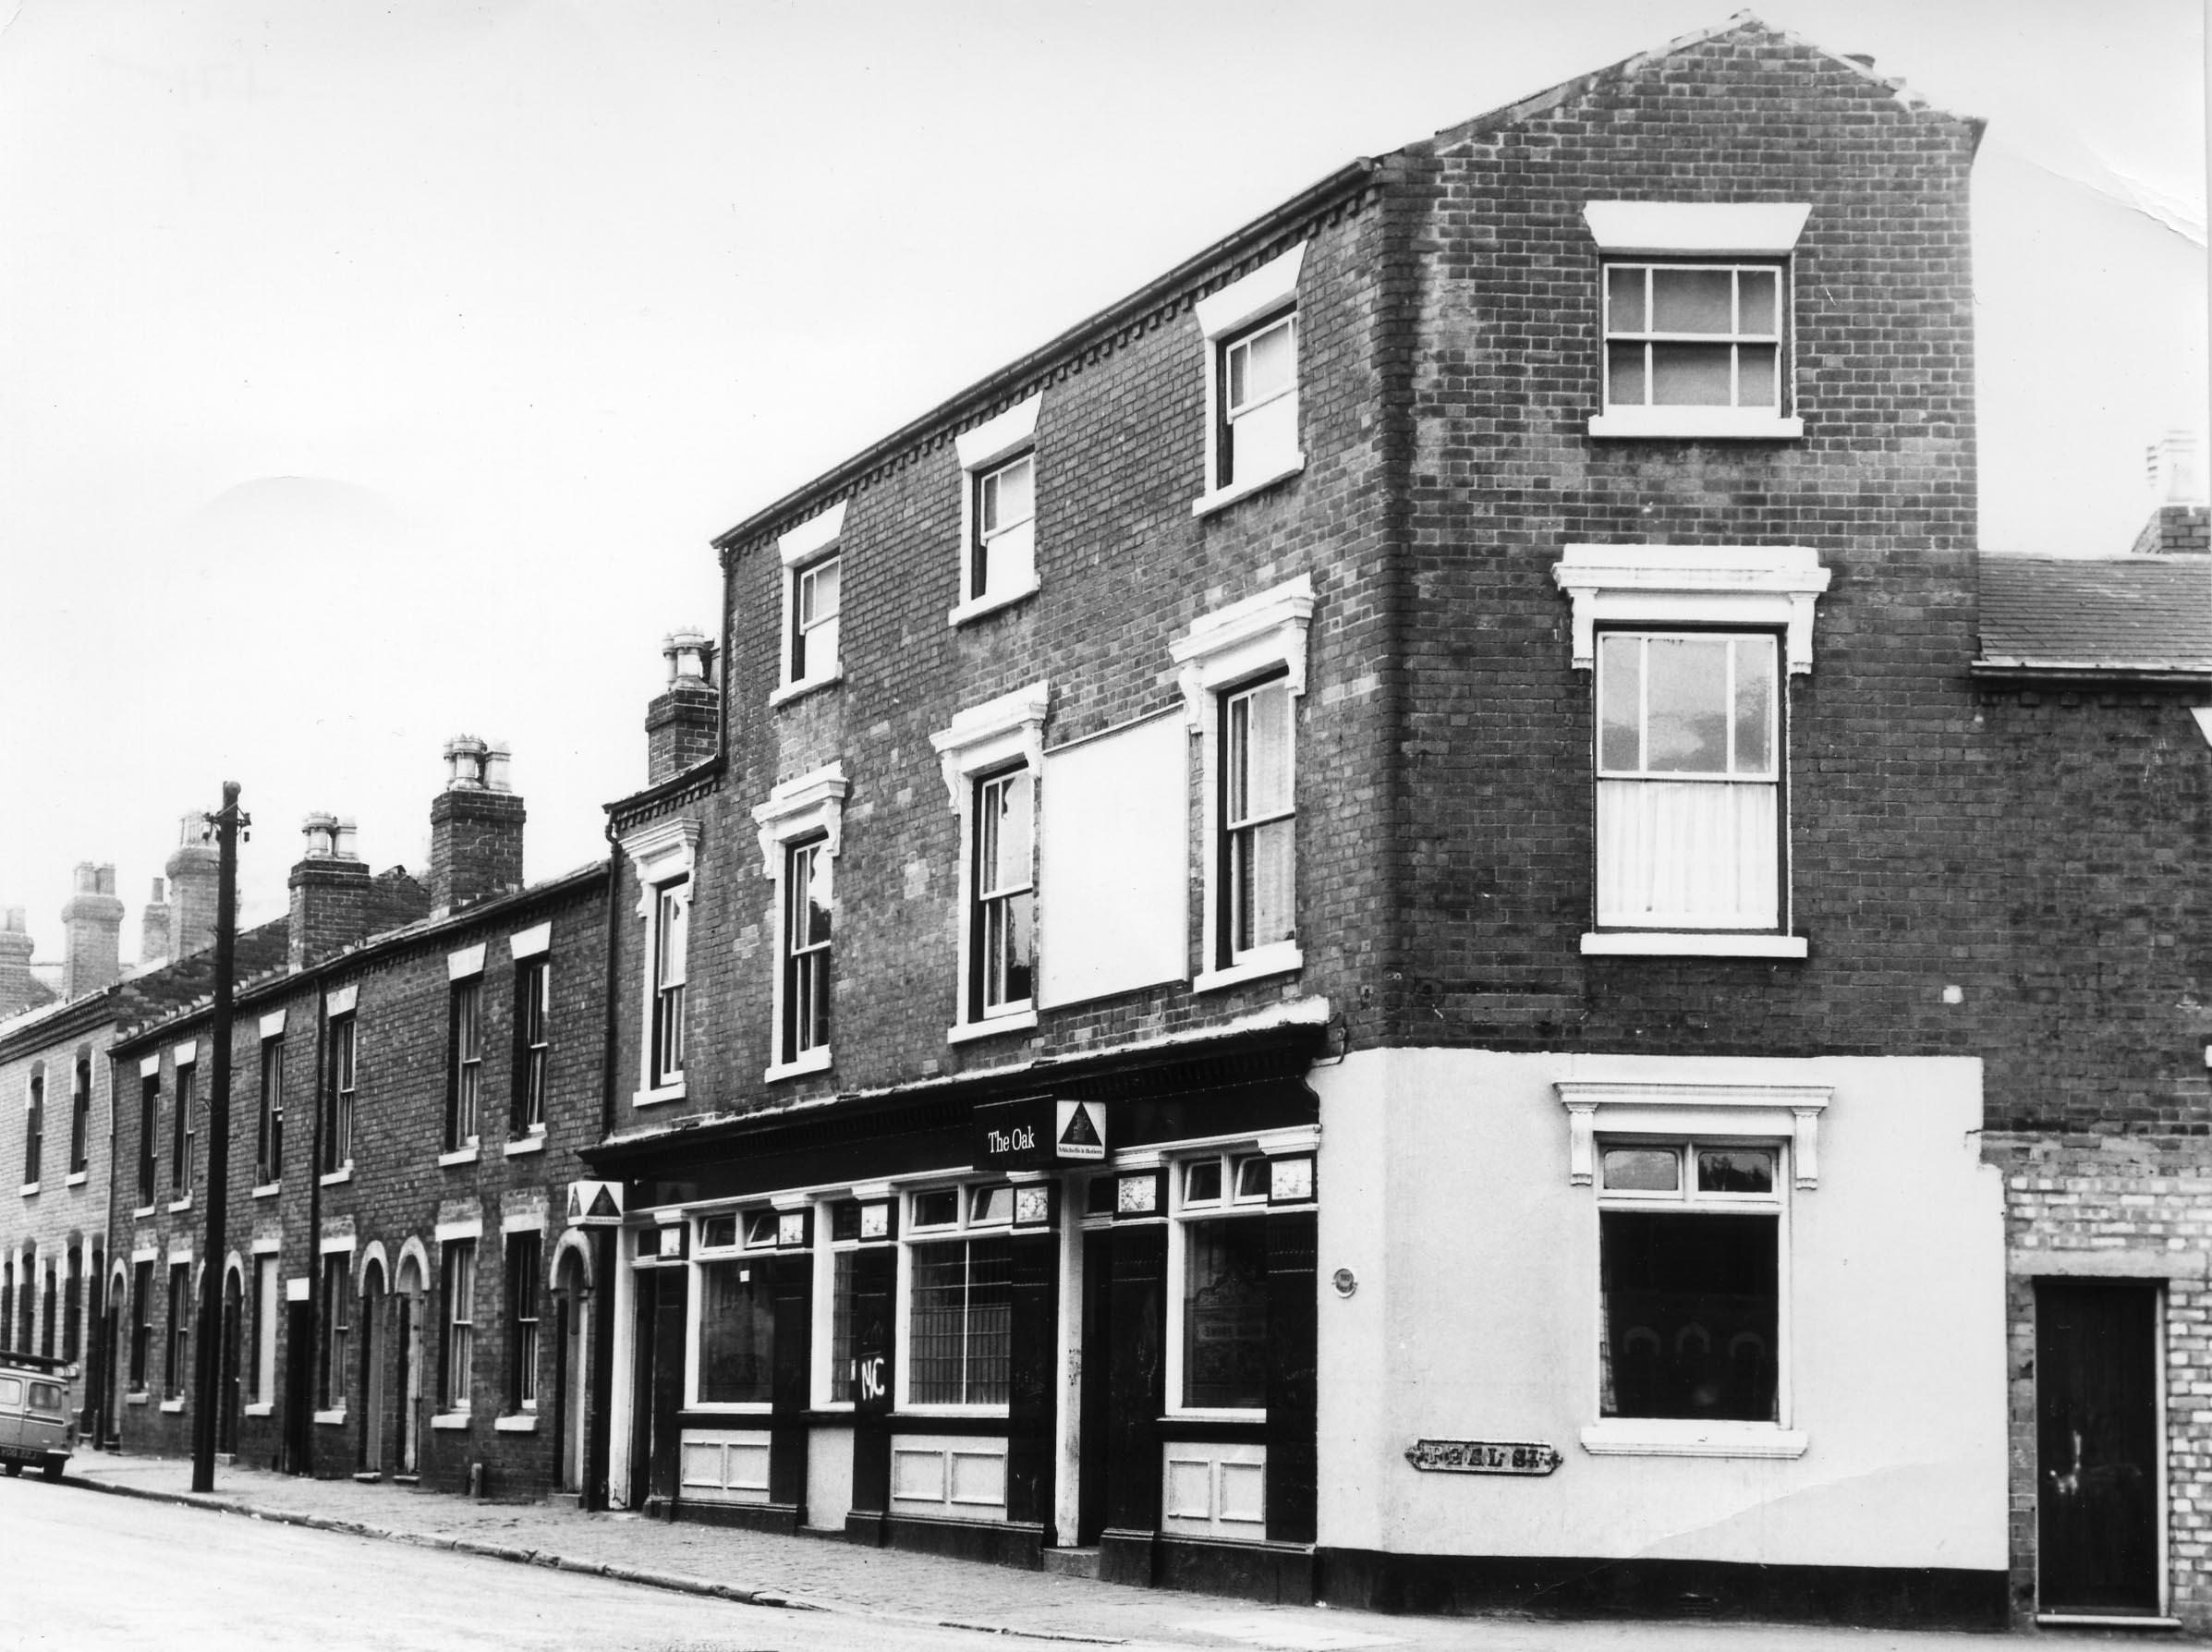 Winson Green 1.19 The Oak Peel St - Lansdowne St 27-6-1972.jpg